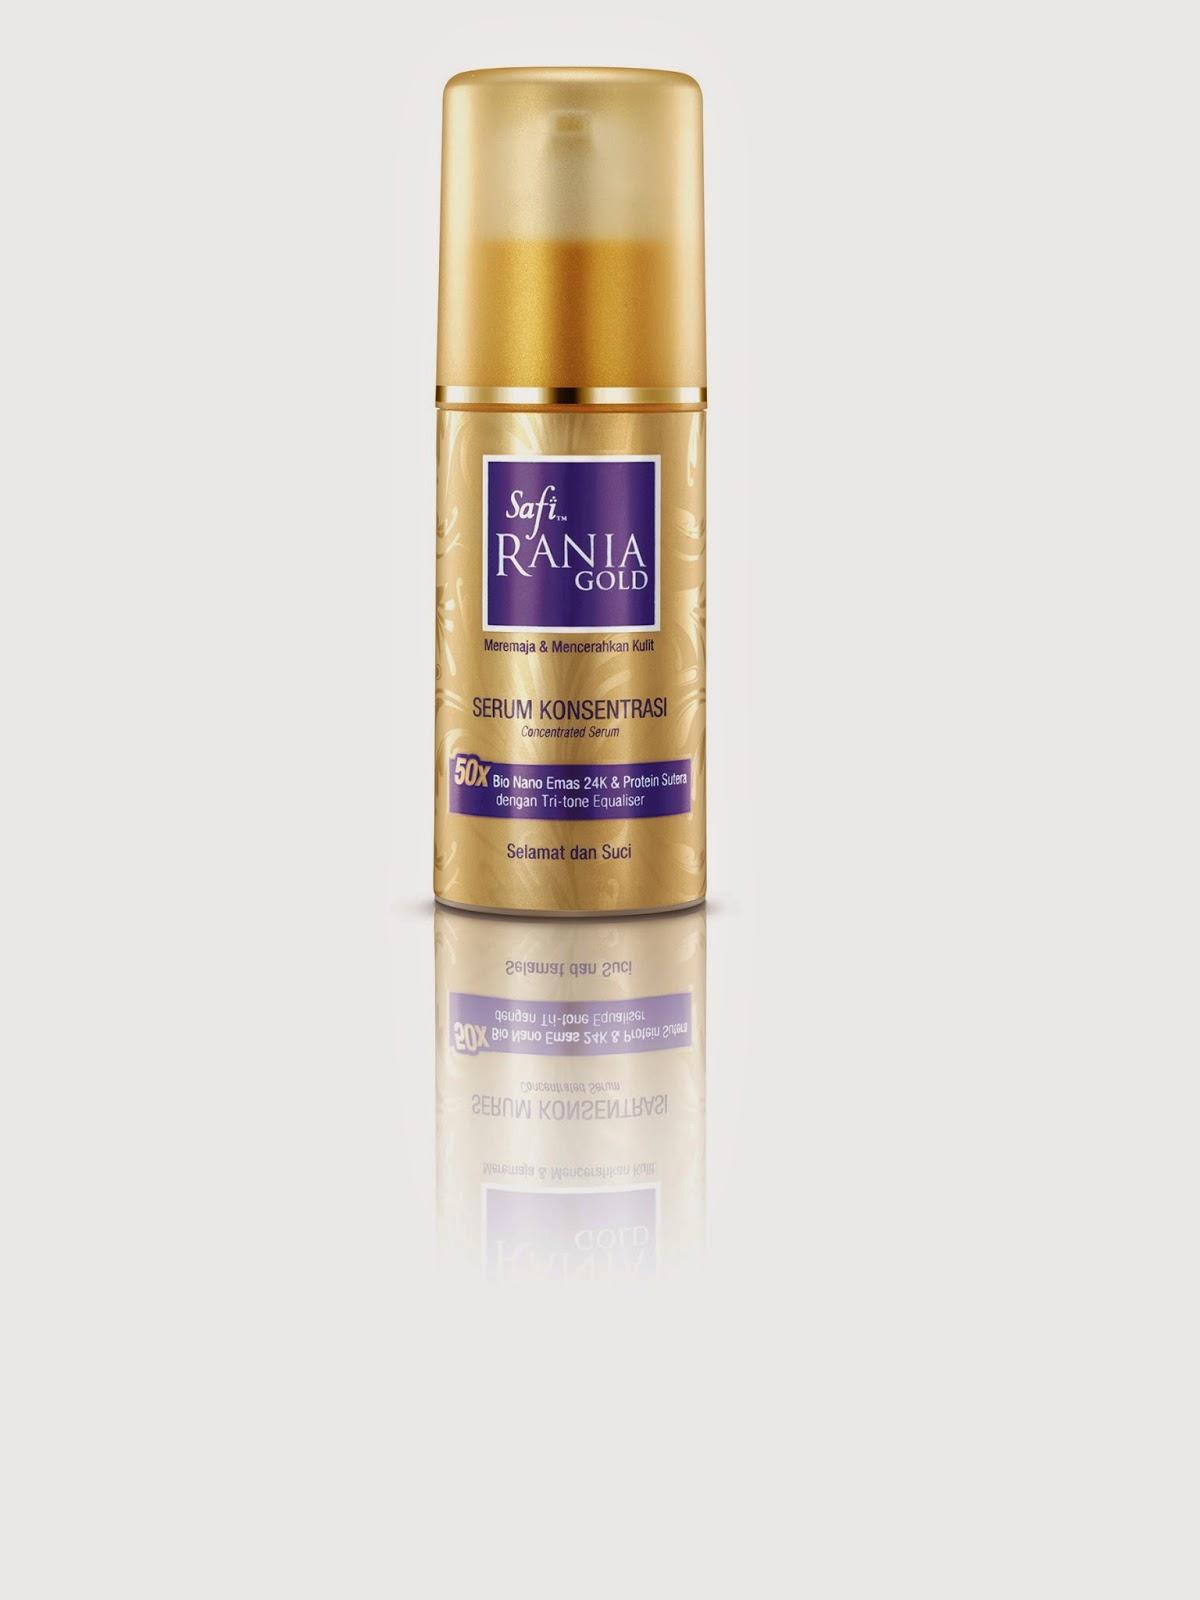 What Every Gal Want Safi Rania Gold Range Of Products Cream Pemutih Badan Body Gunakan Selepas Membersih Wajah Serum Konsentrasi Mengembalikan Keremajaan Kulit